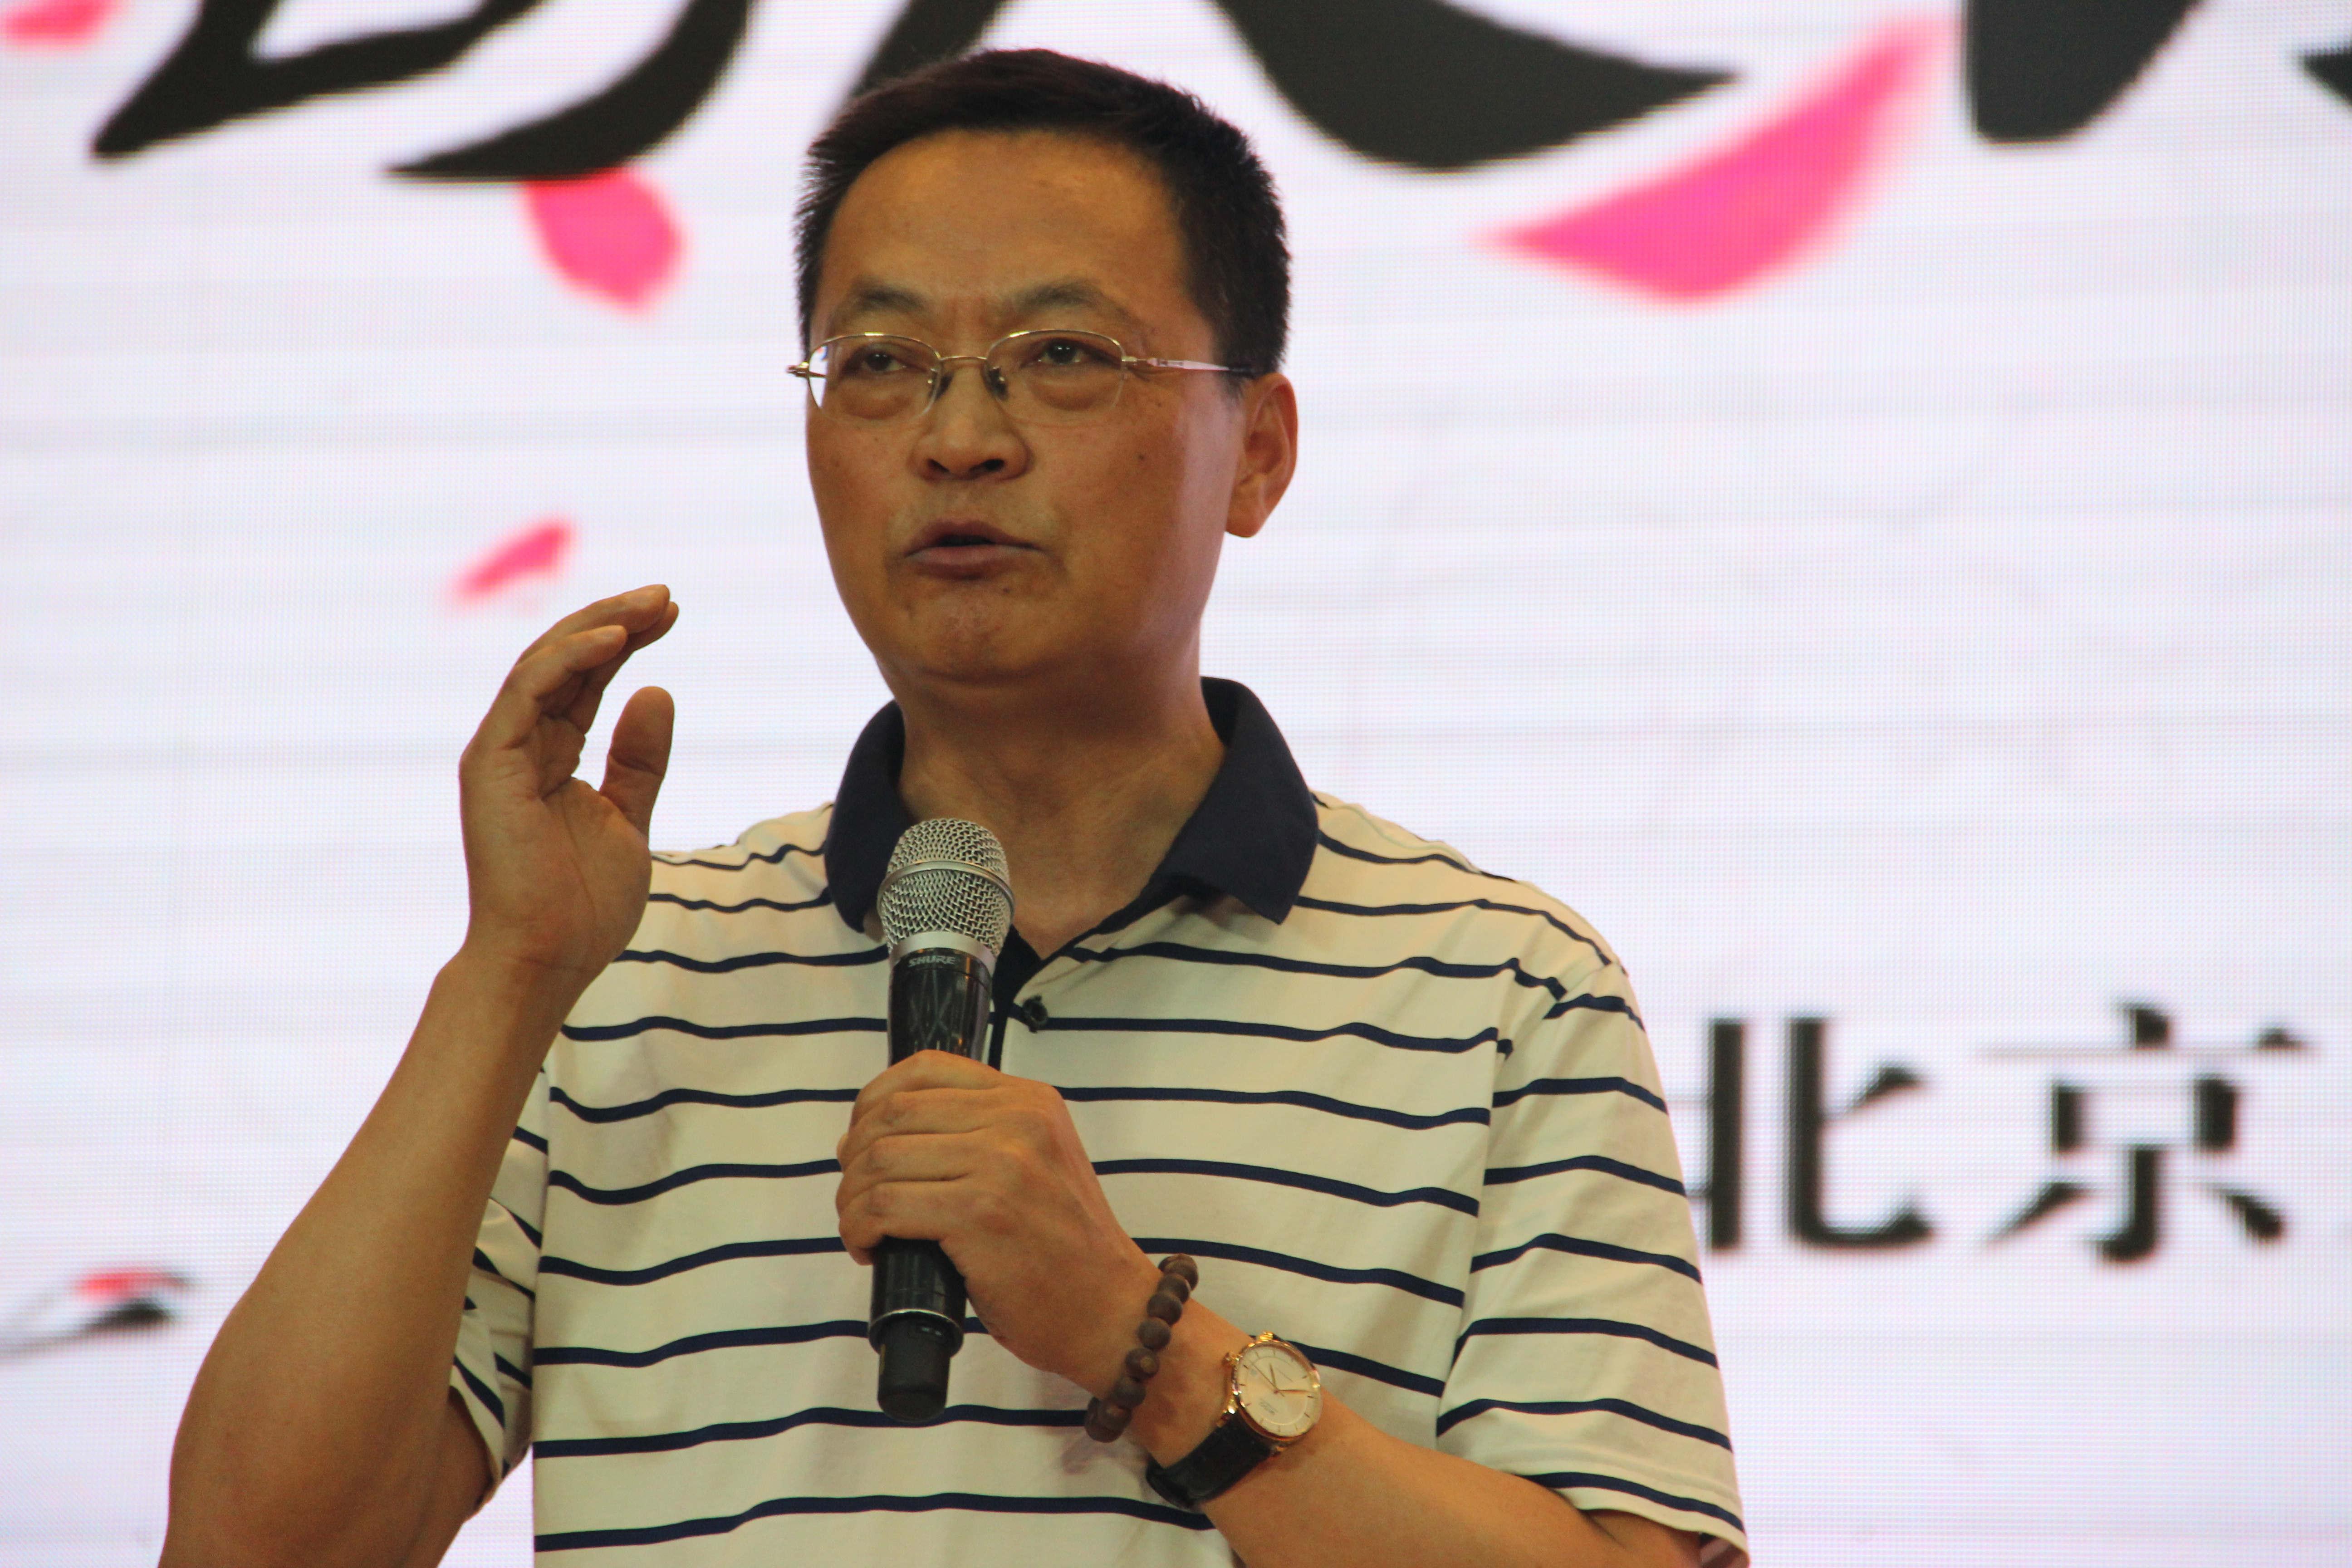 朝阳教研中心语文教研室主任、当代诗人何郁老师精彩点评.jpg